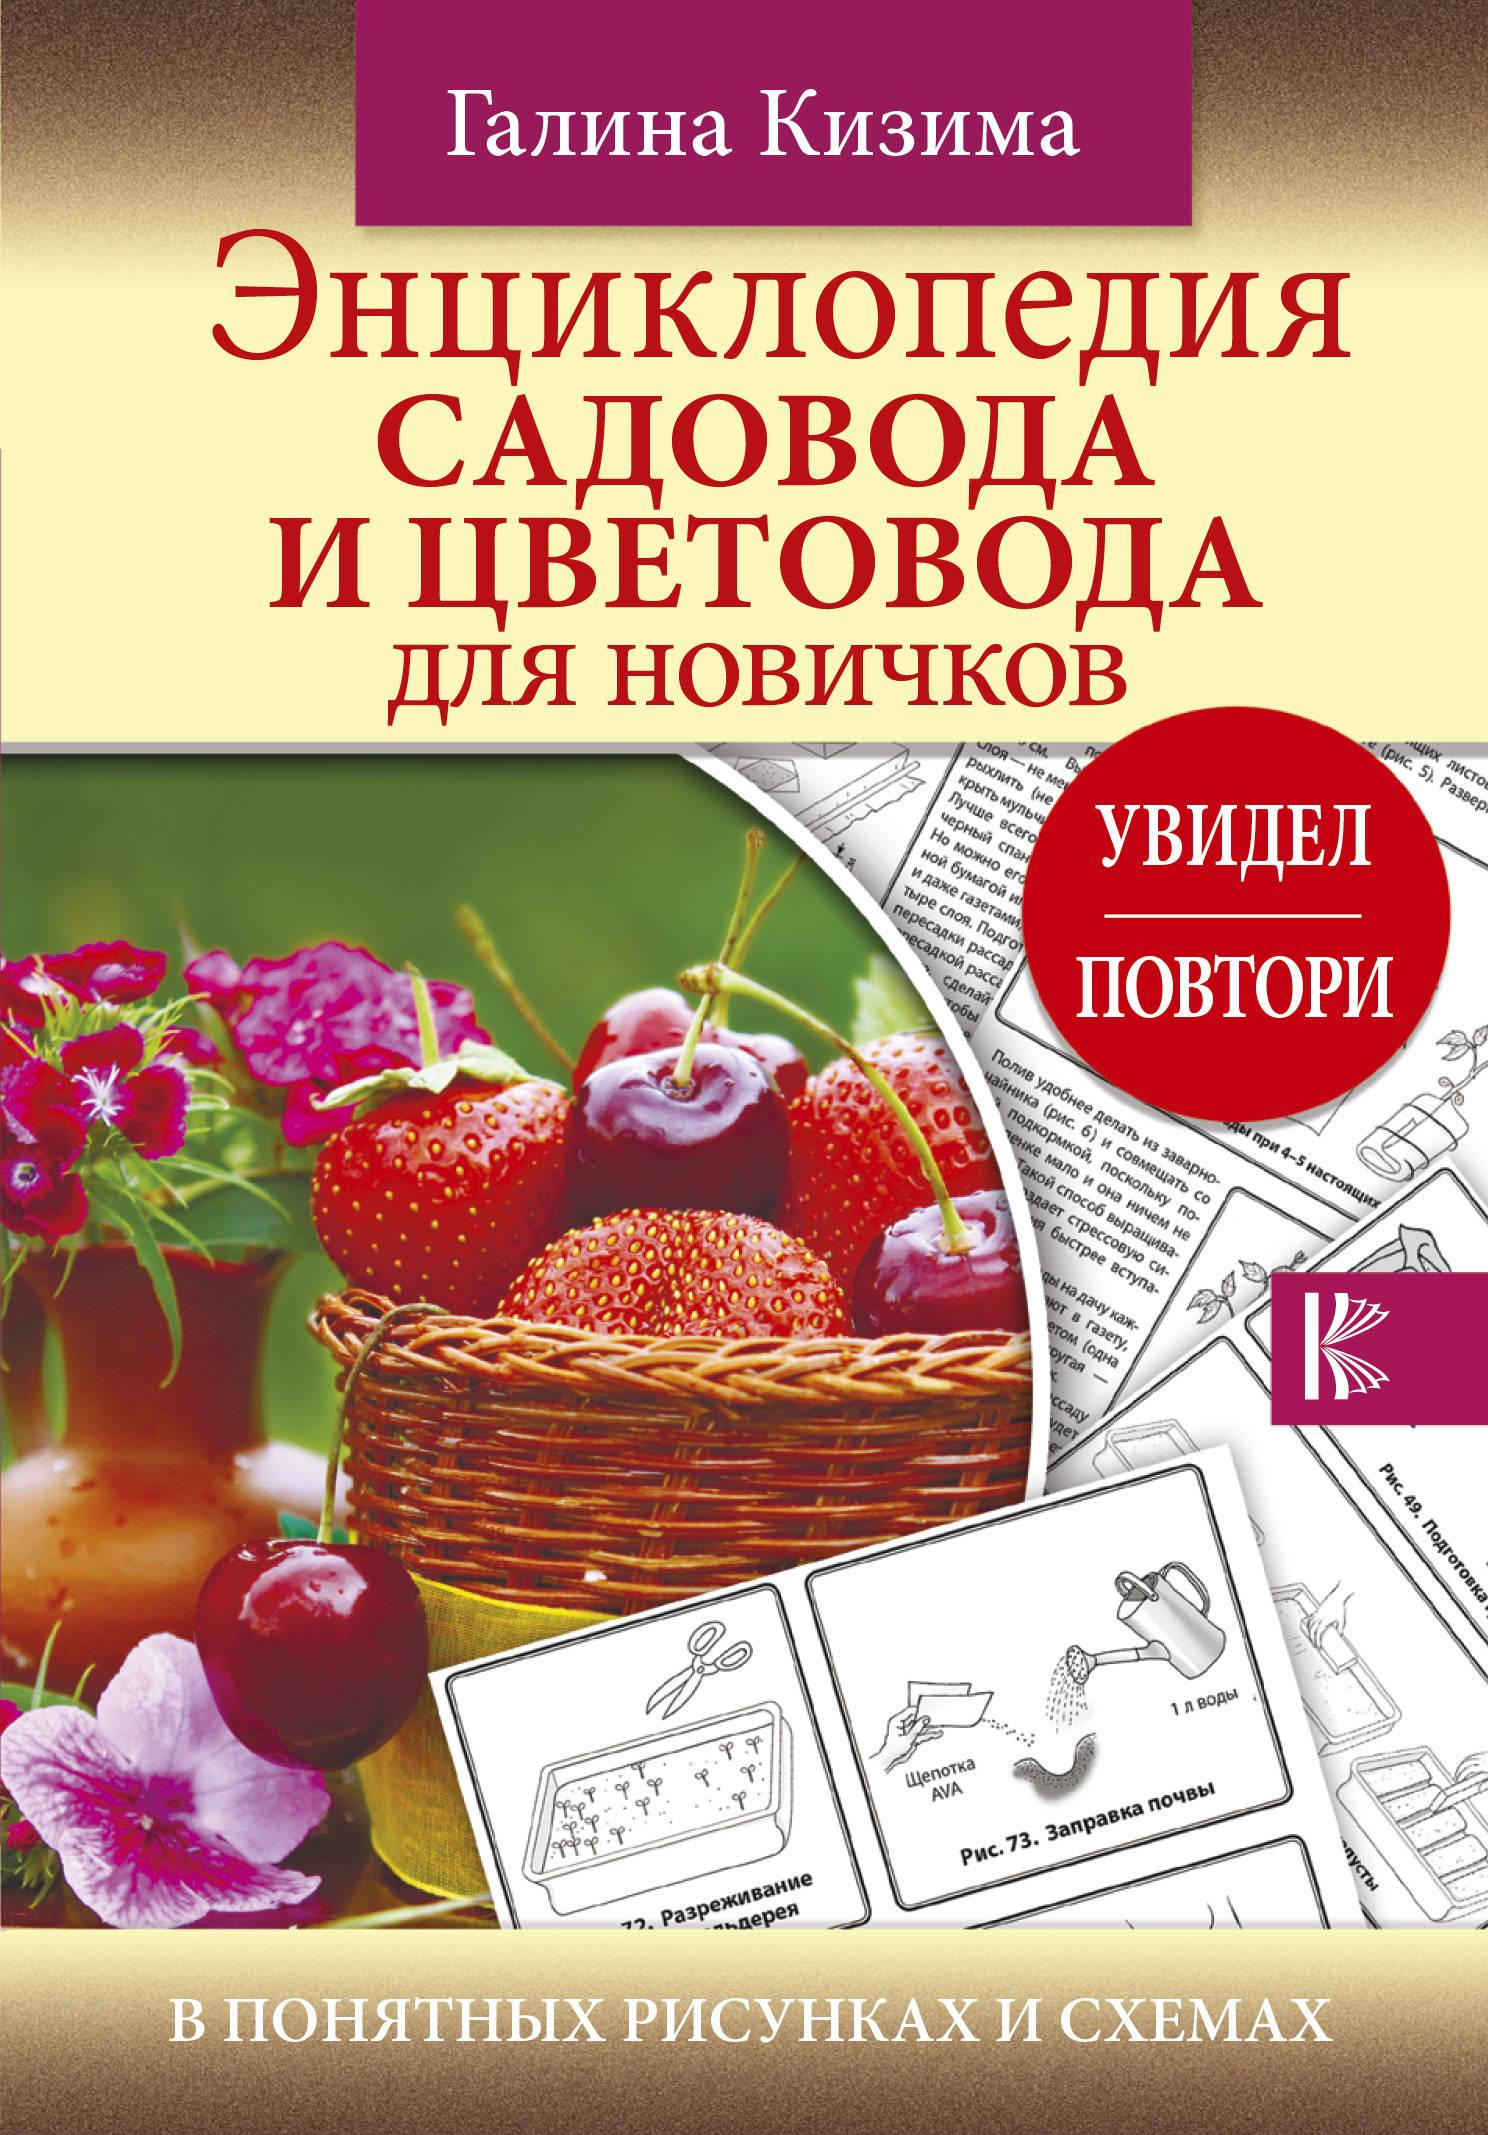 «Энциклопедия садовода и цветовода для новичков в понятных рисунках и схемах. Увидел - повтори»